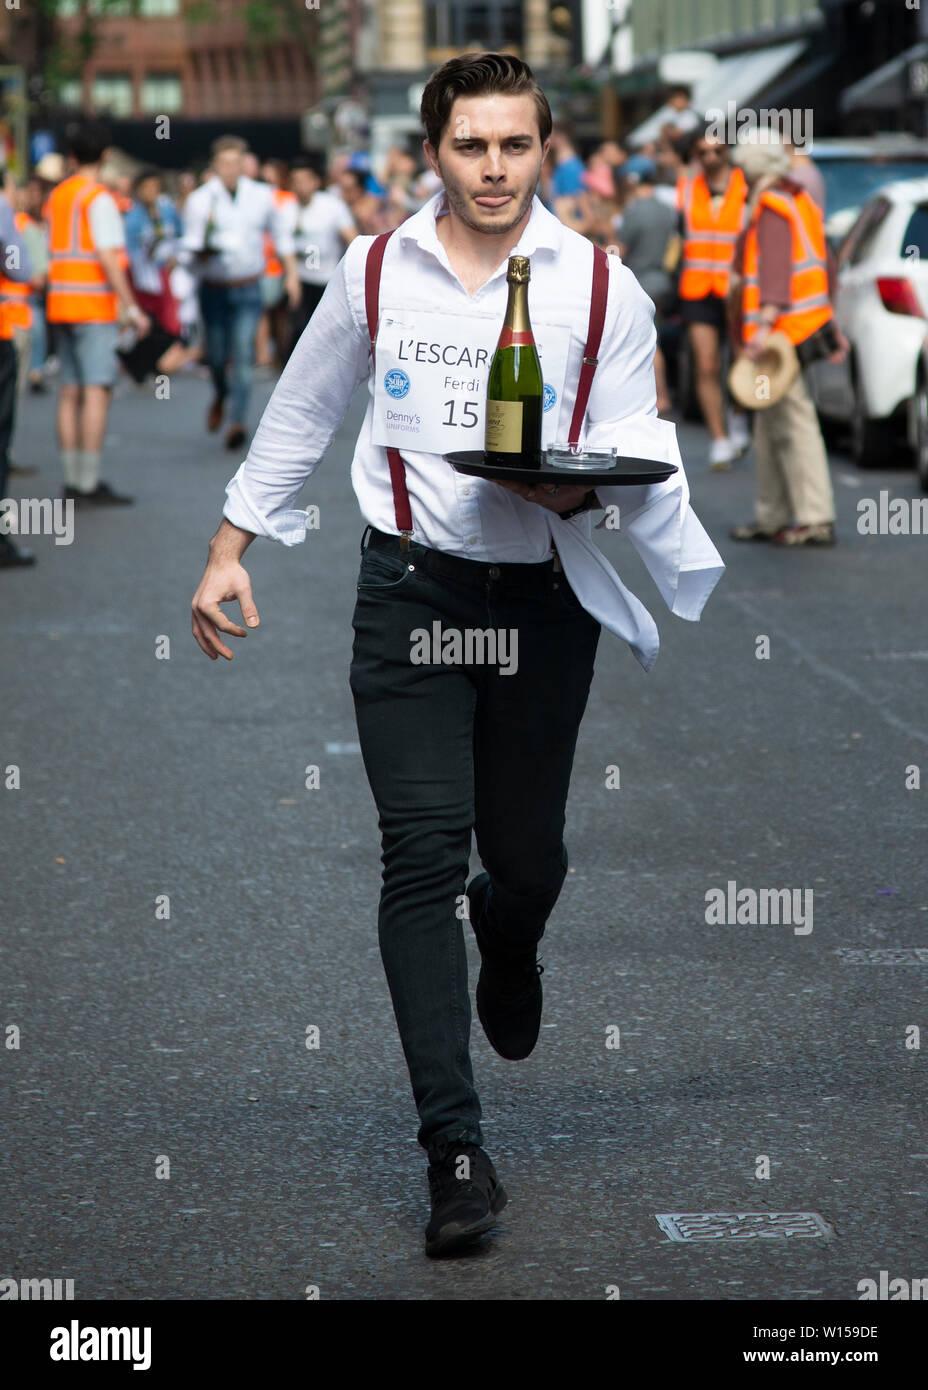 Soho Waiters Race 2019 - Stock Image